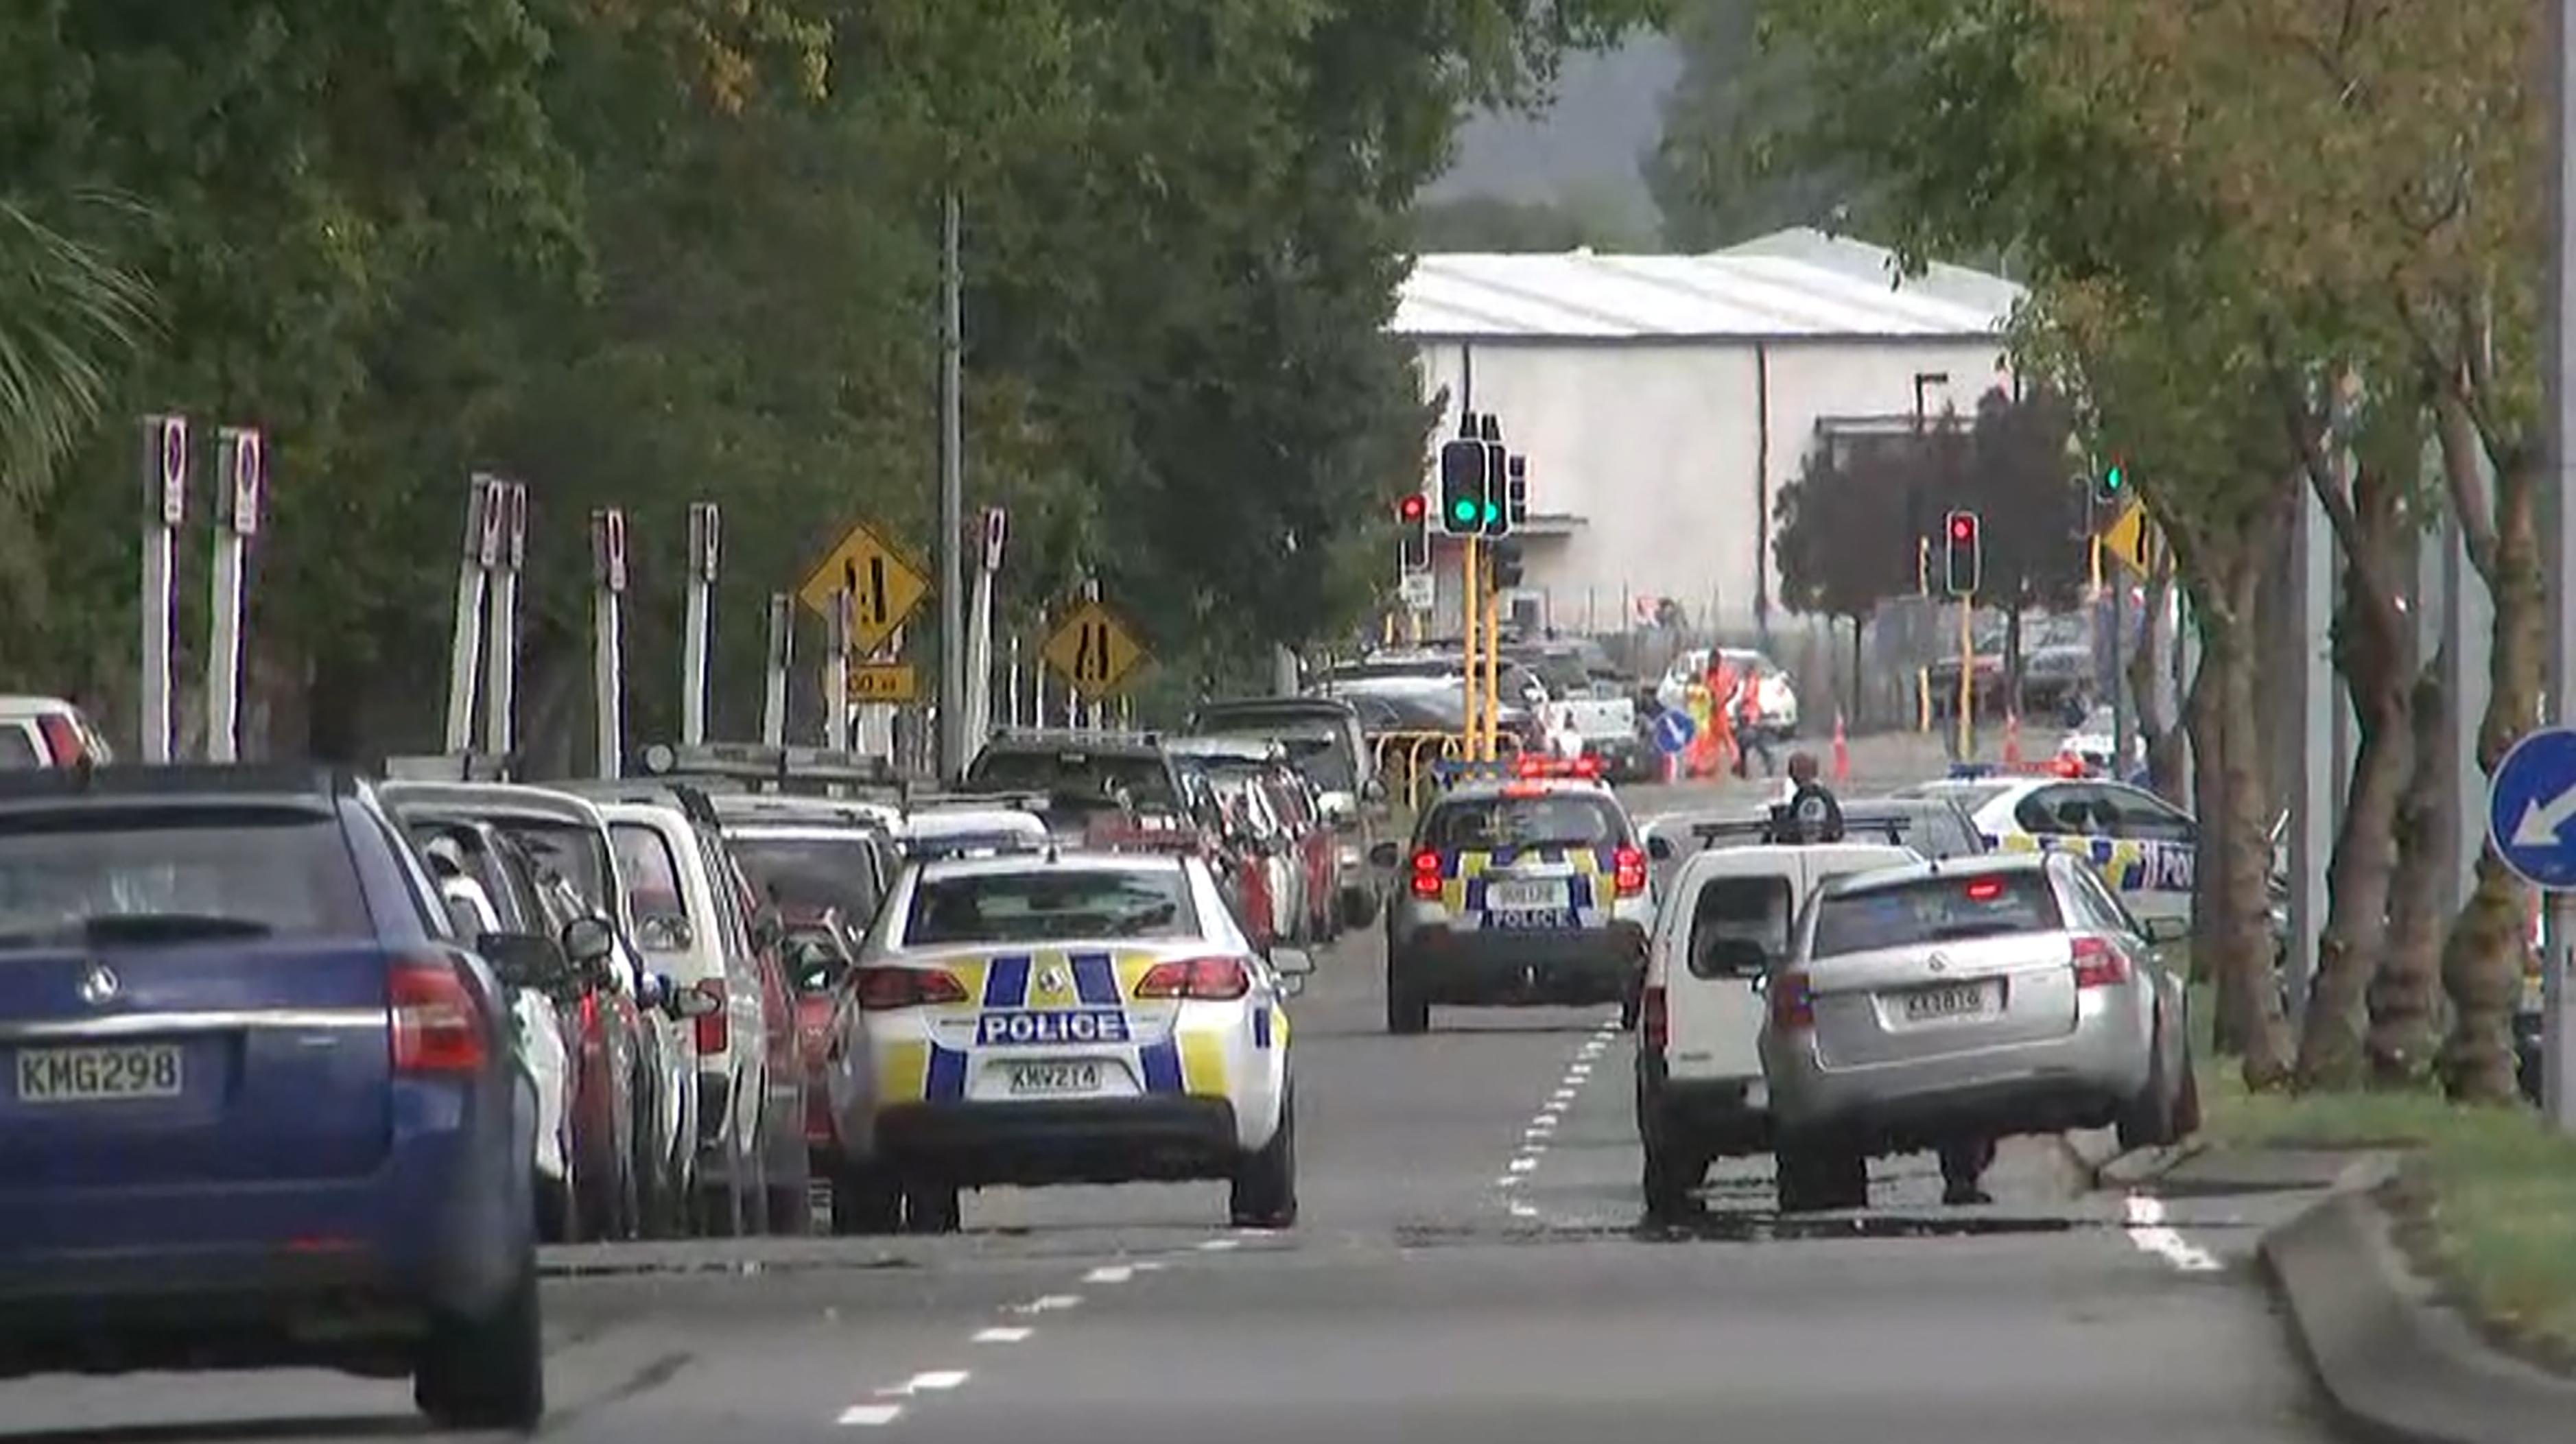 La policía llegando a uno de los lugares atacados (TV New Zealand / TV New Zealand / AFP) /